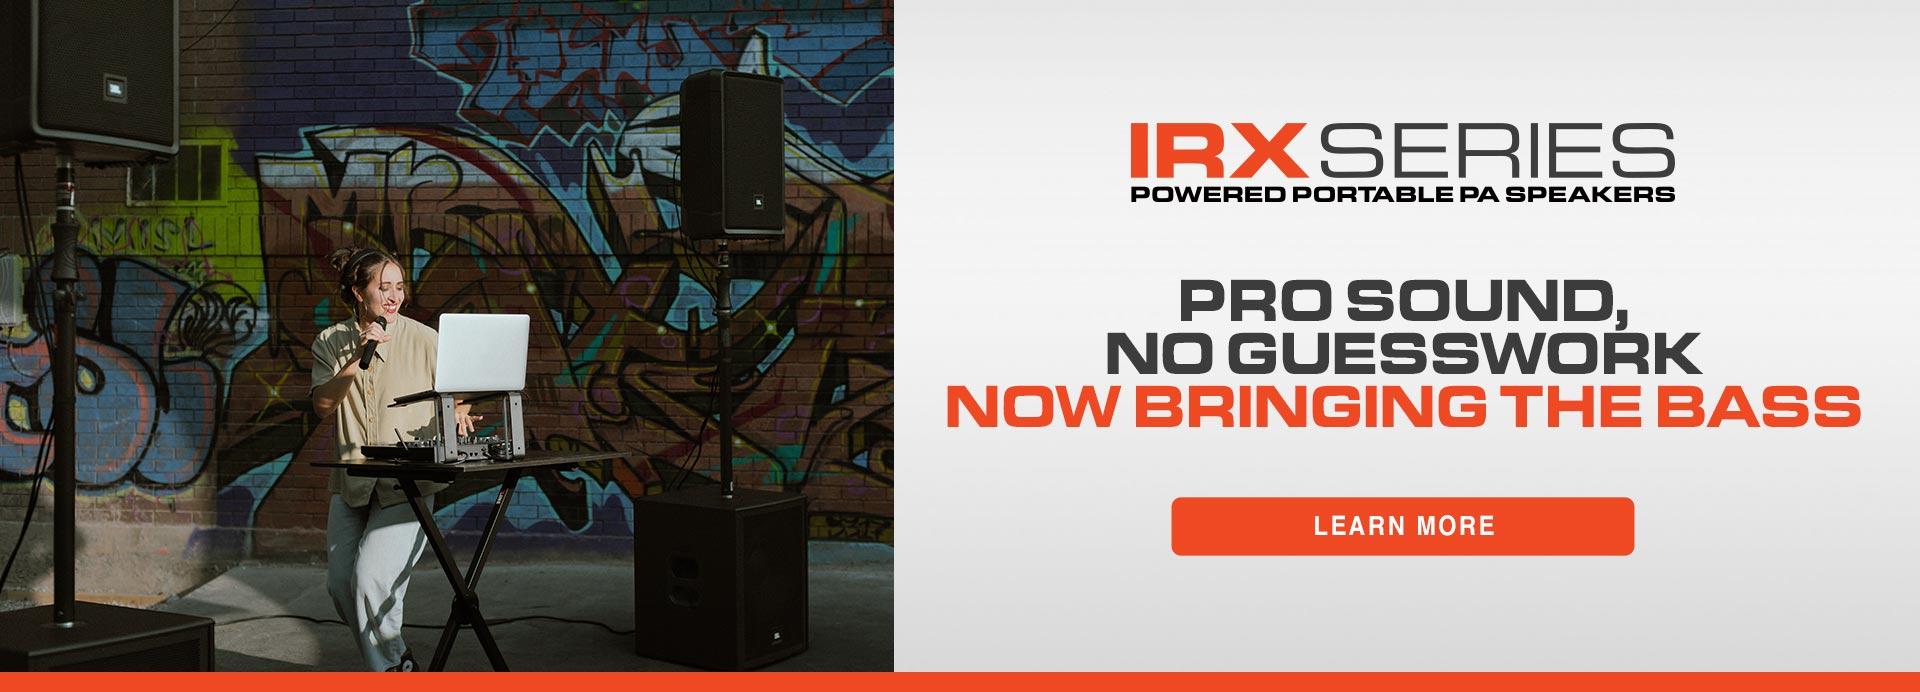 IRX launch - homepage